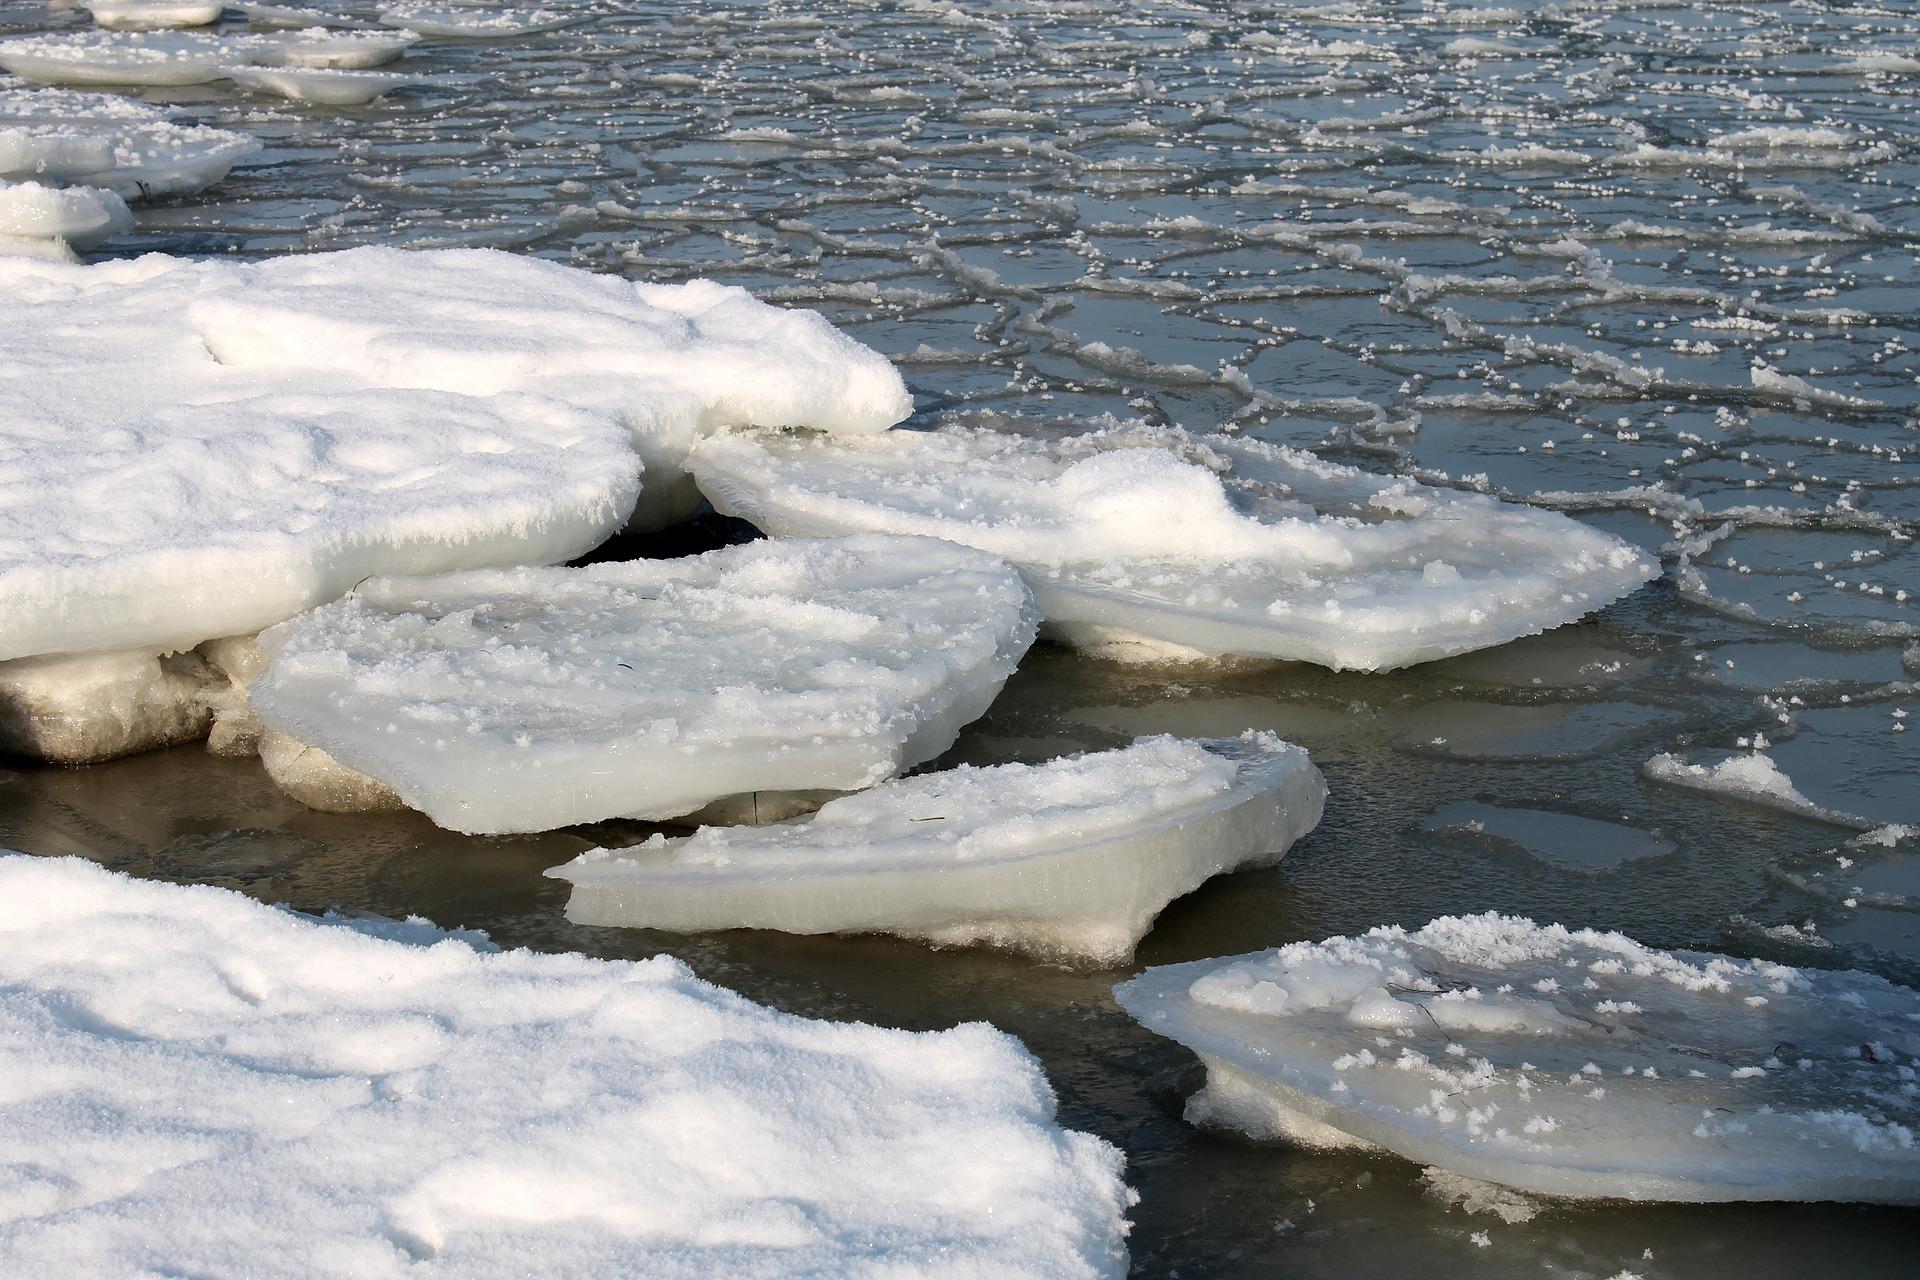 baltic-sea-in-winter-3874661_1920